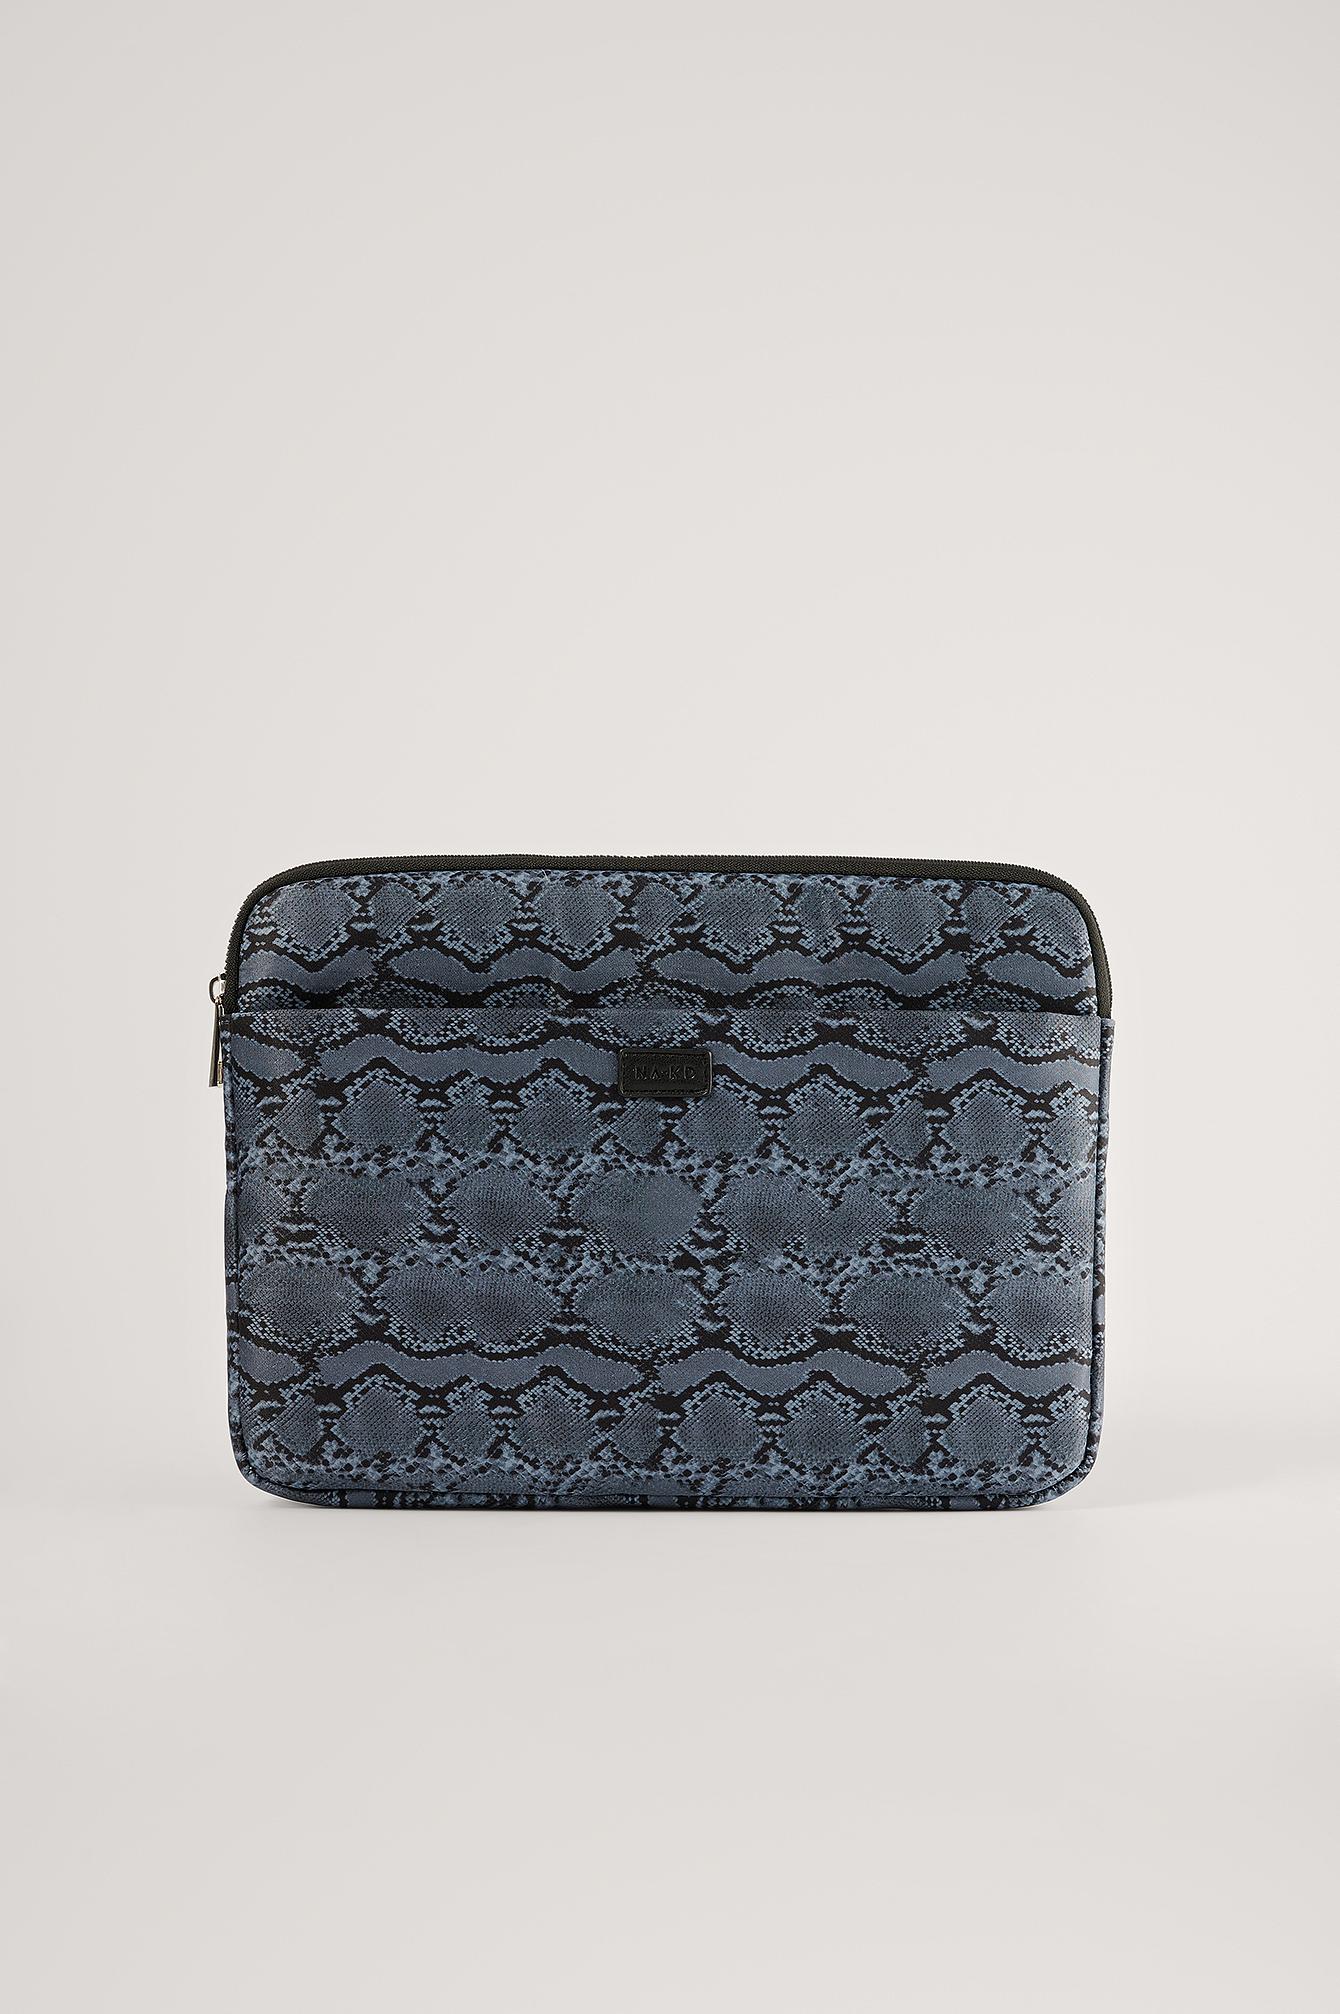 na-kd accessories -  Bedruckte Laptop-Schutzhülle - Blue